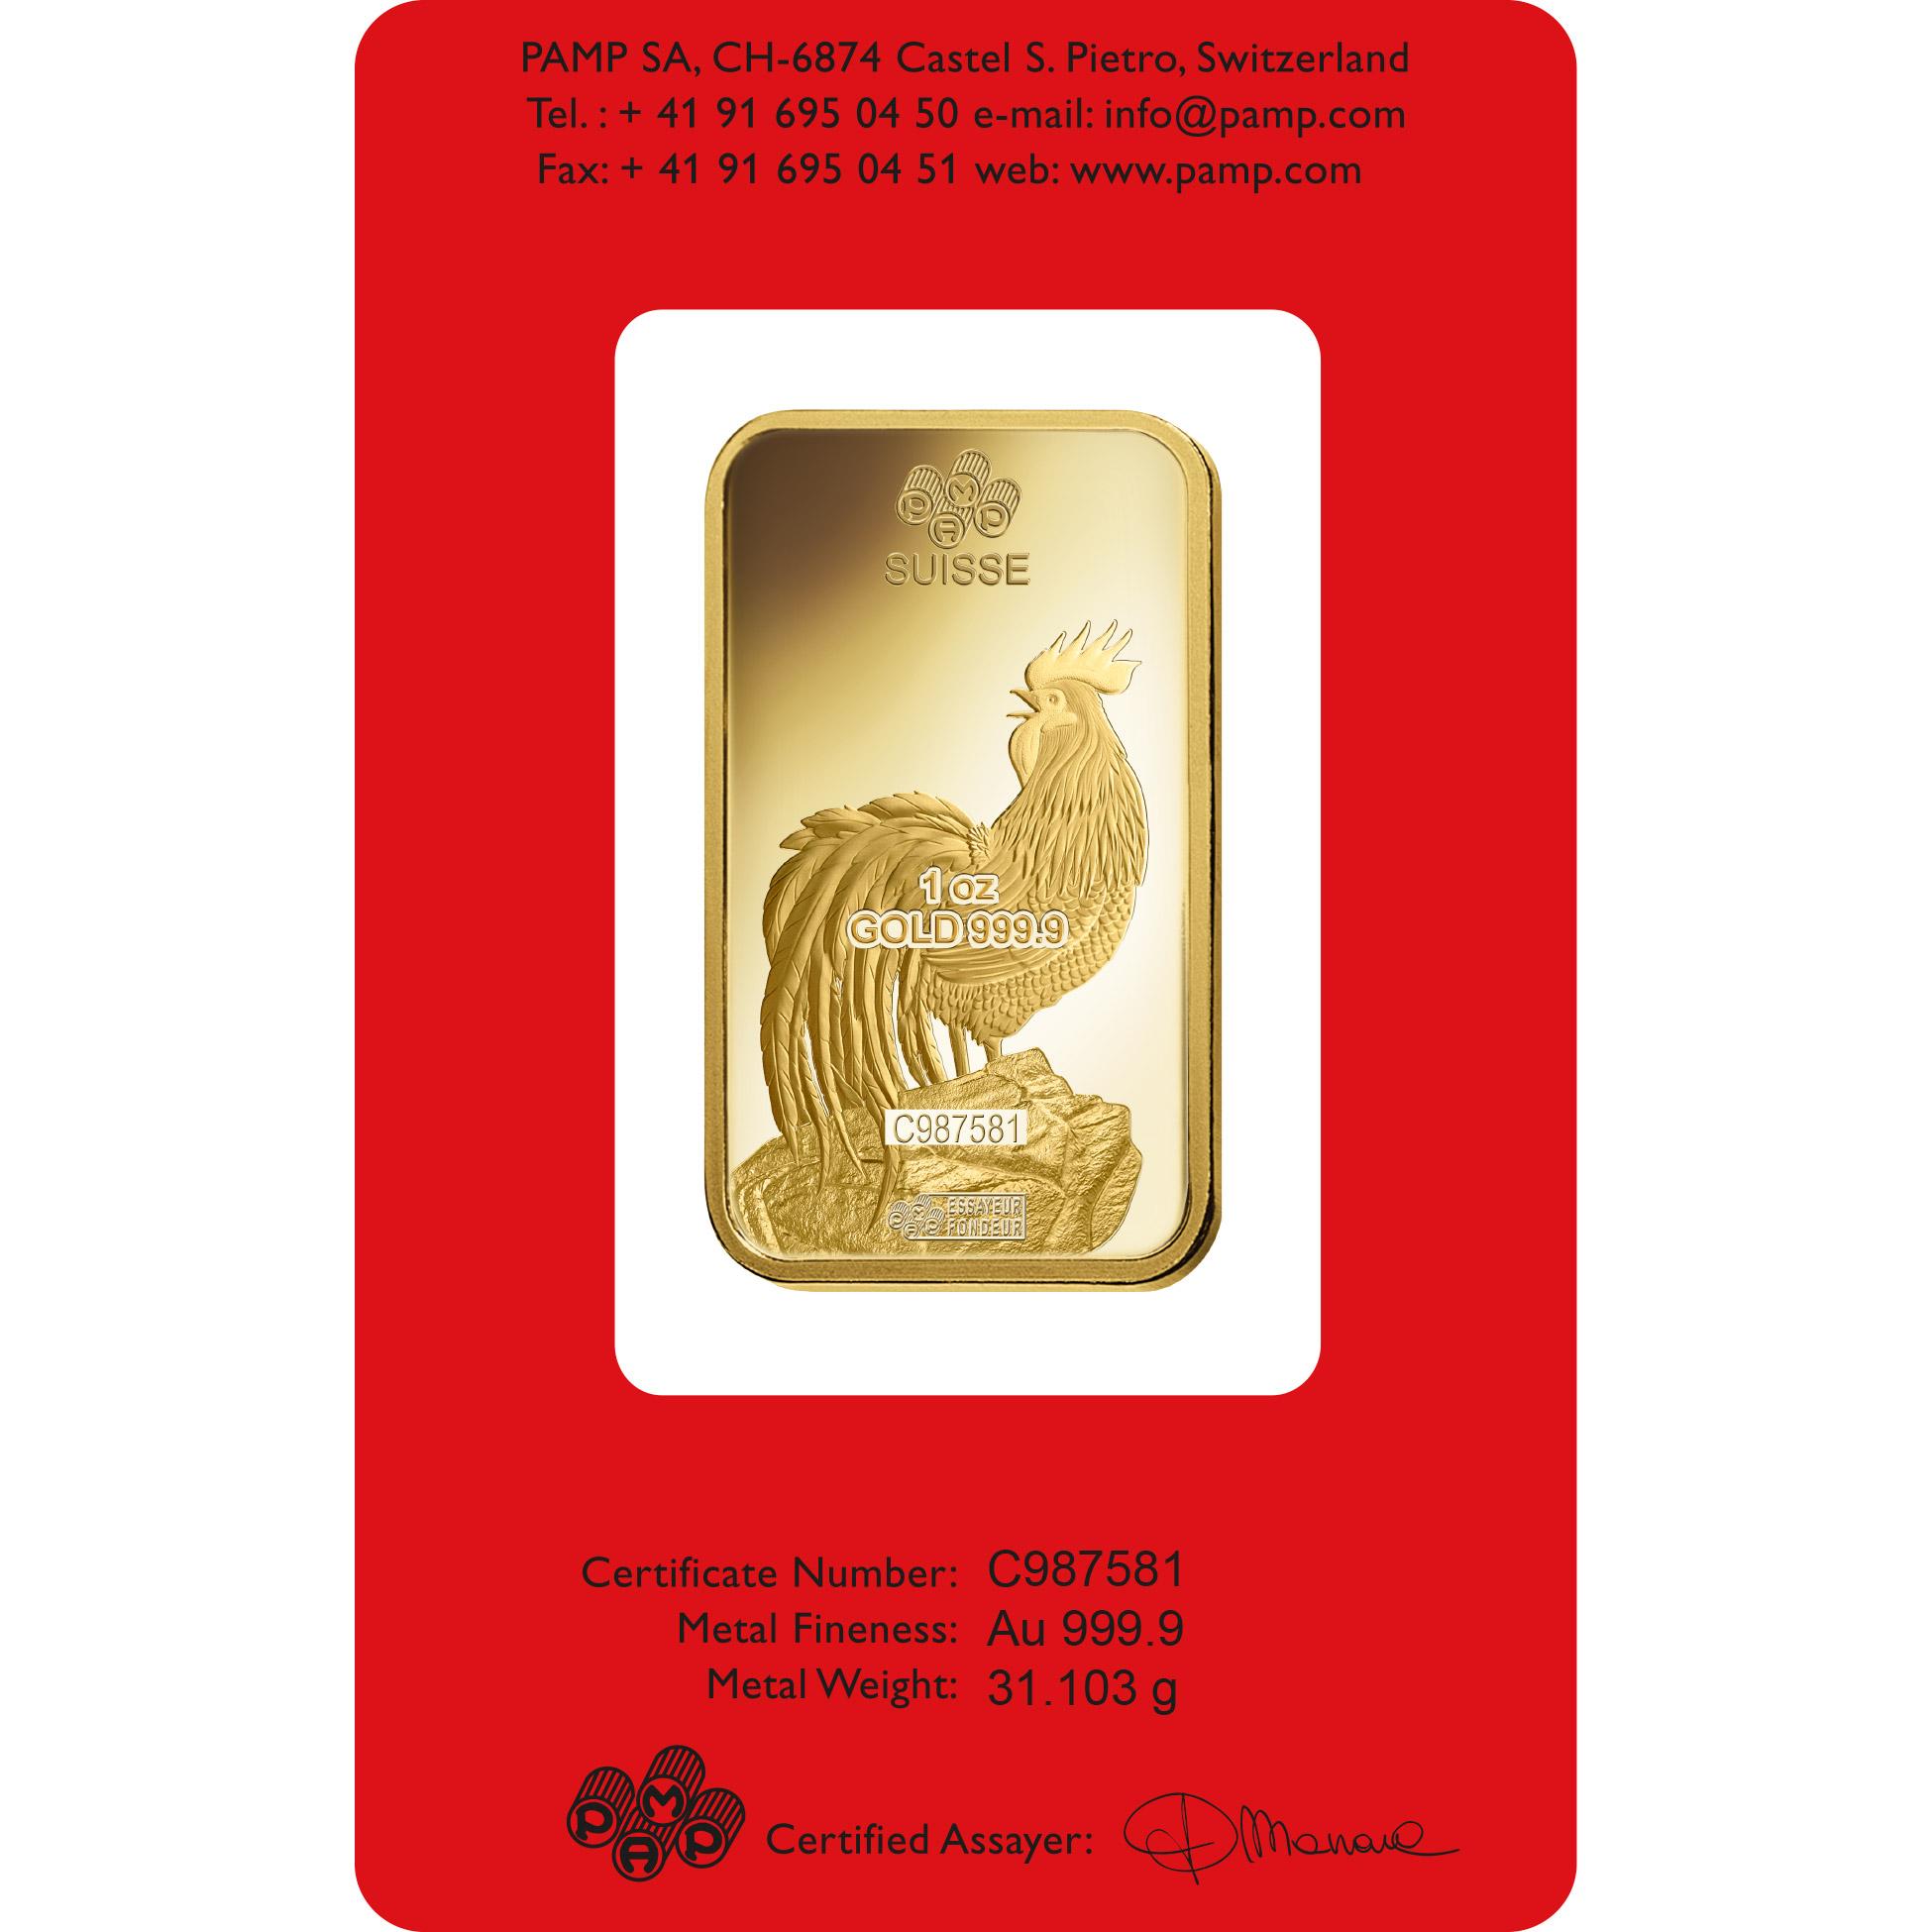 1 Unze Goldbarren - PAMP Suisse Lunar Hahn